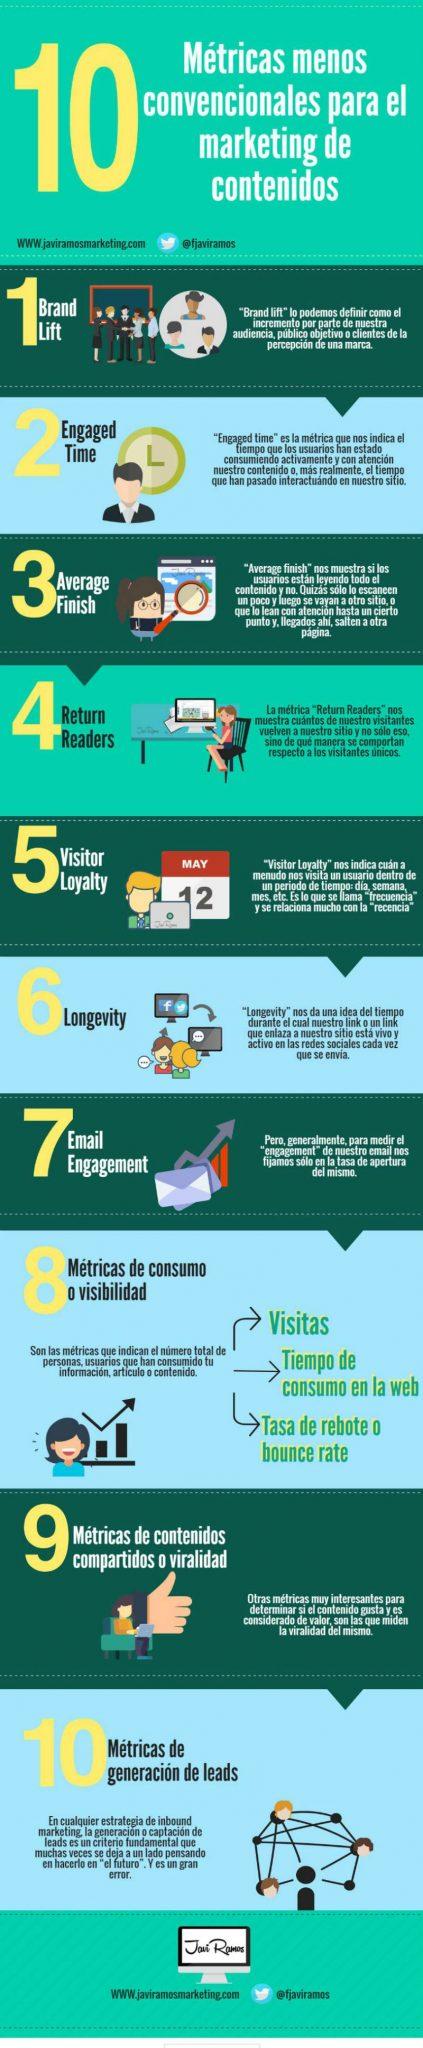 Infografia Metricas marketing de contenidos